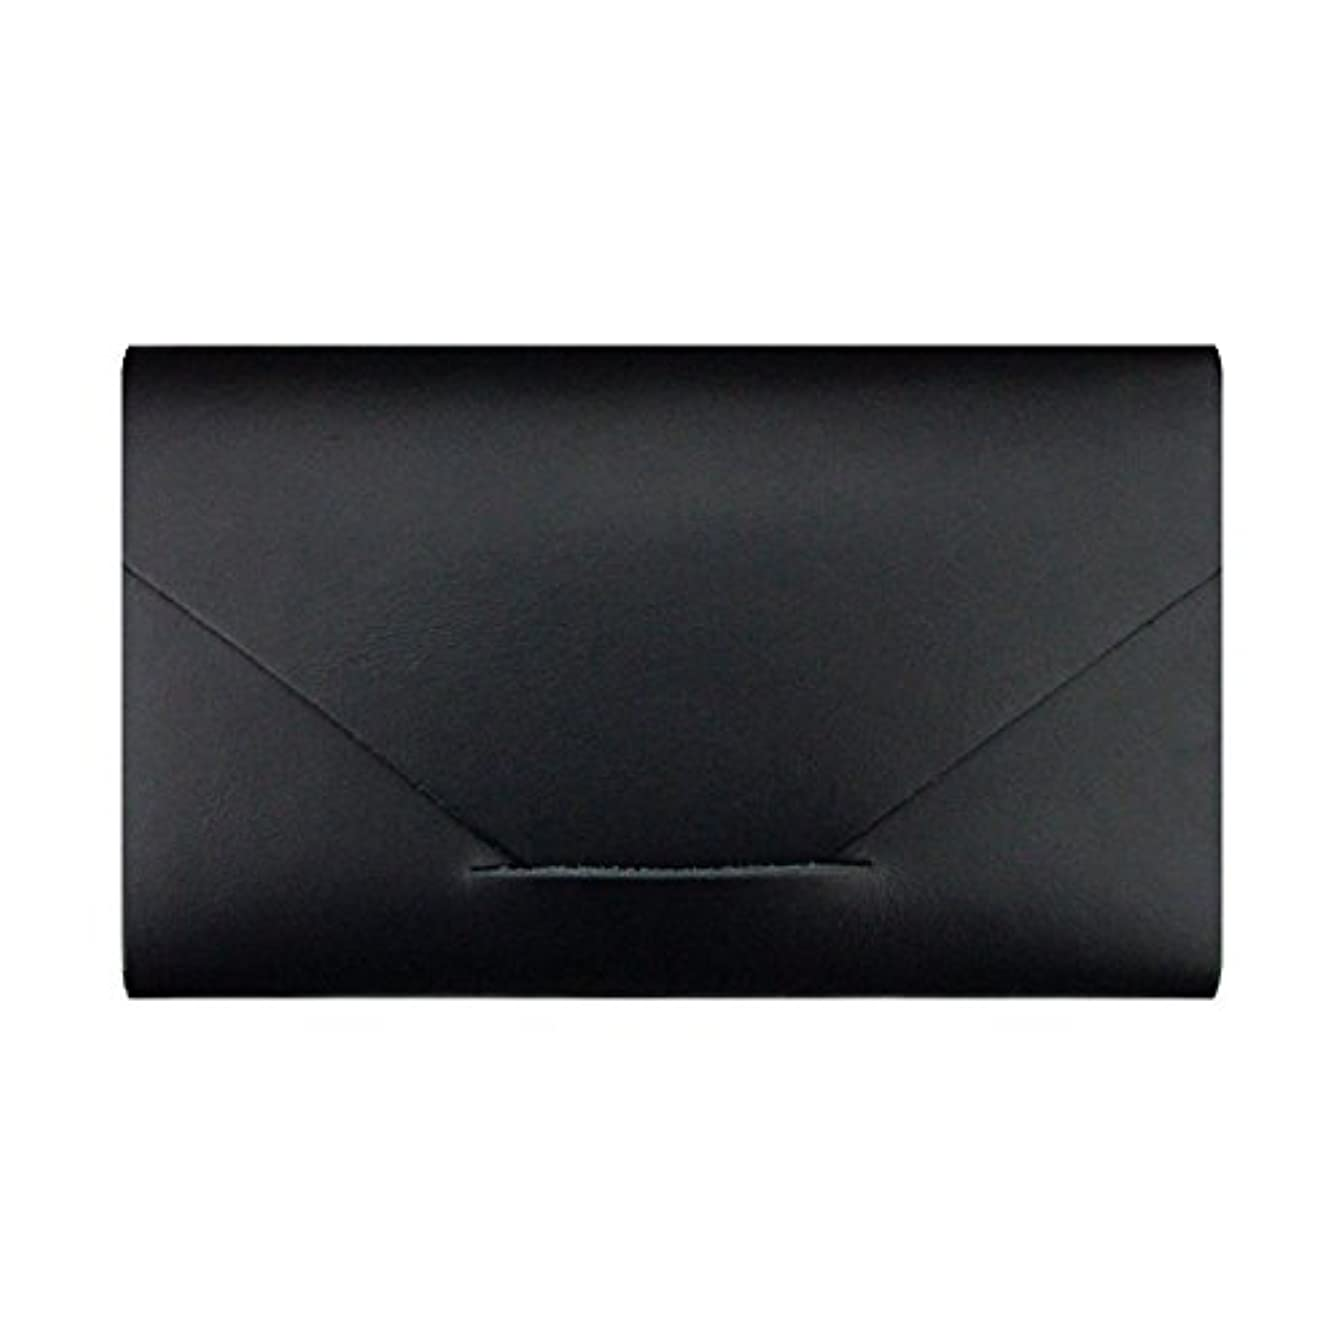 何十人もパンチモジュールMODERN AGE TOKYO 2 カードケース(サシェ3種入) ブラック BLACK CARD CASE モダンエイジトウキョウツー